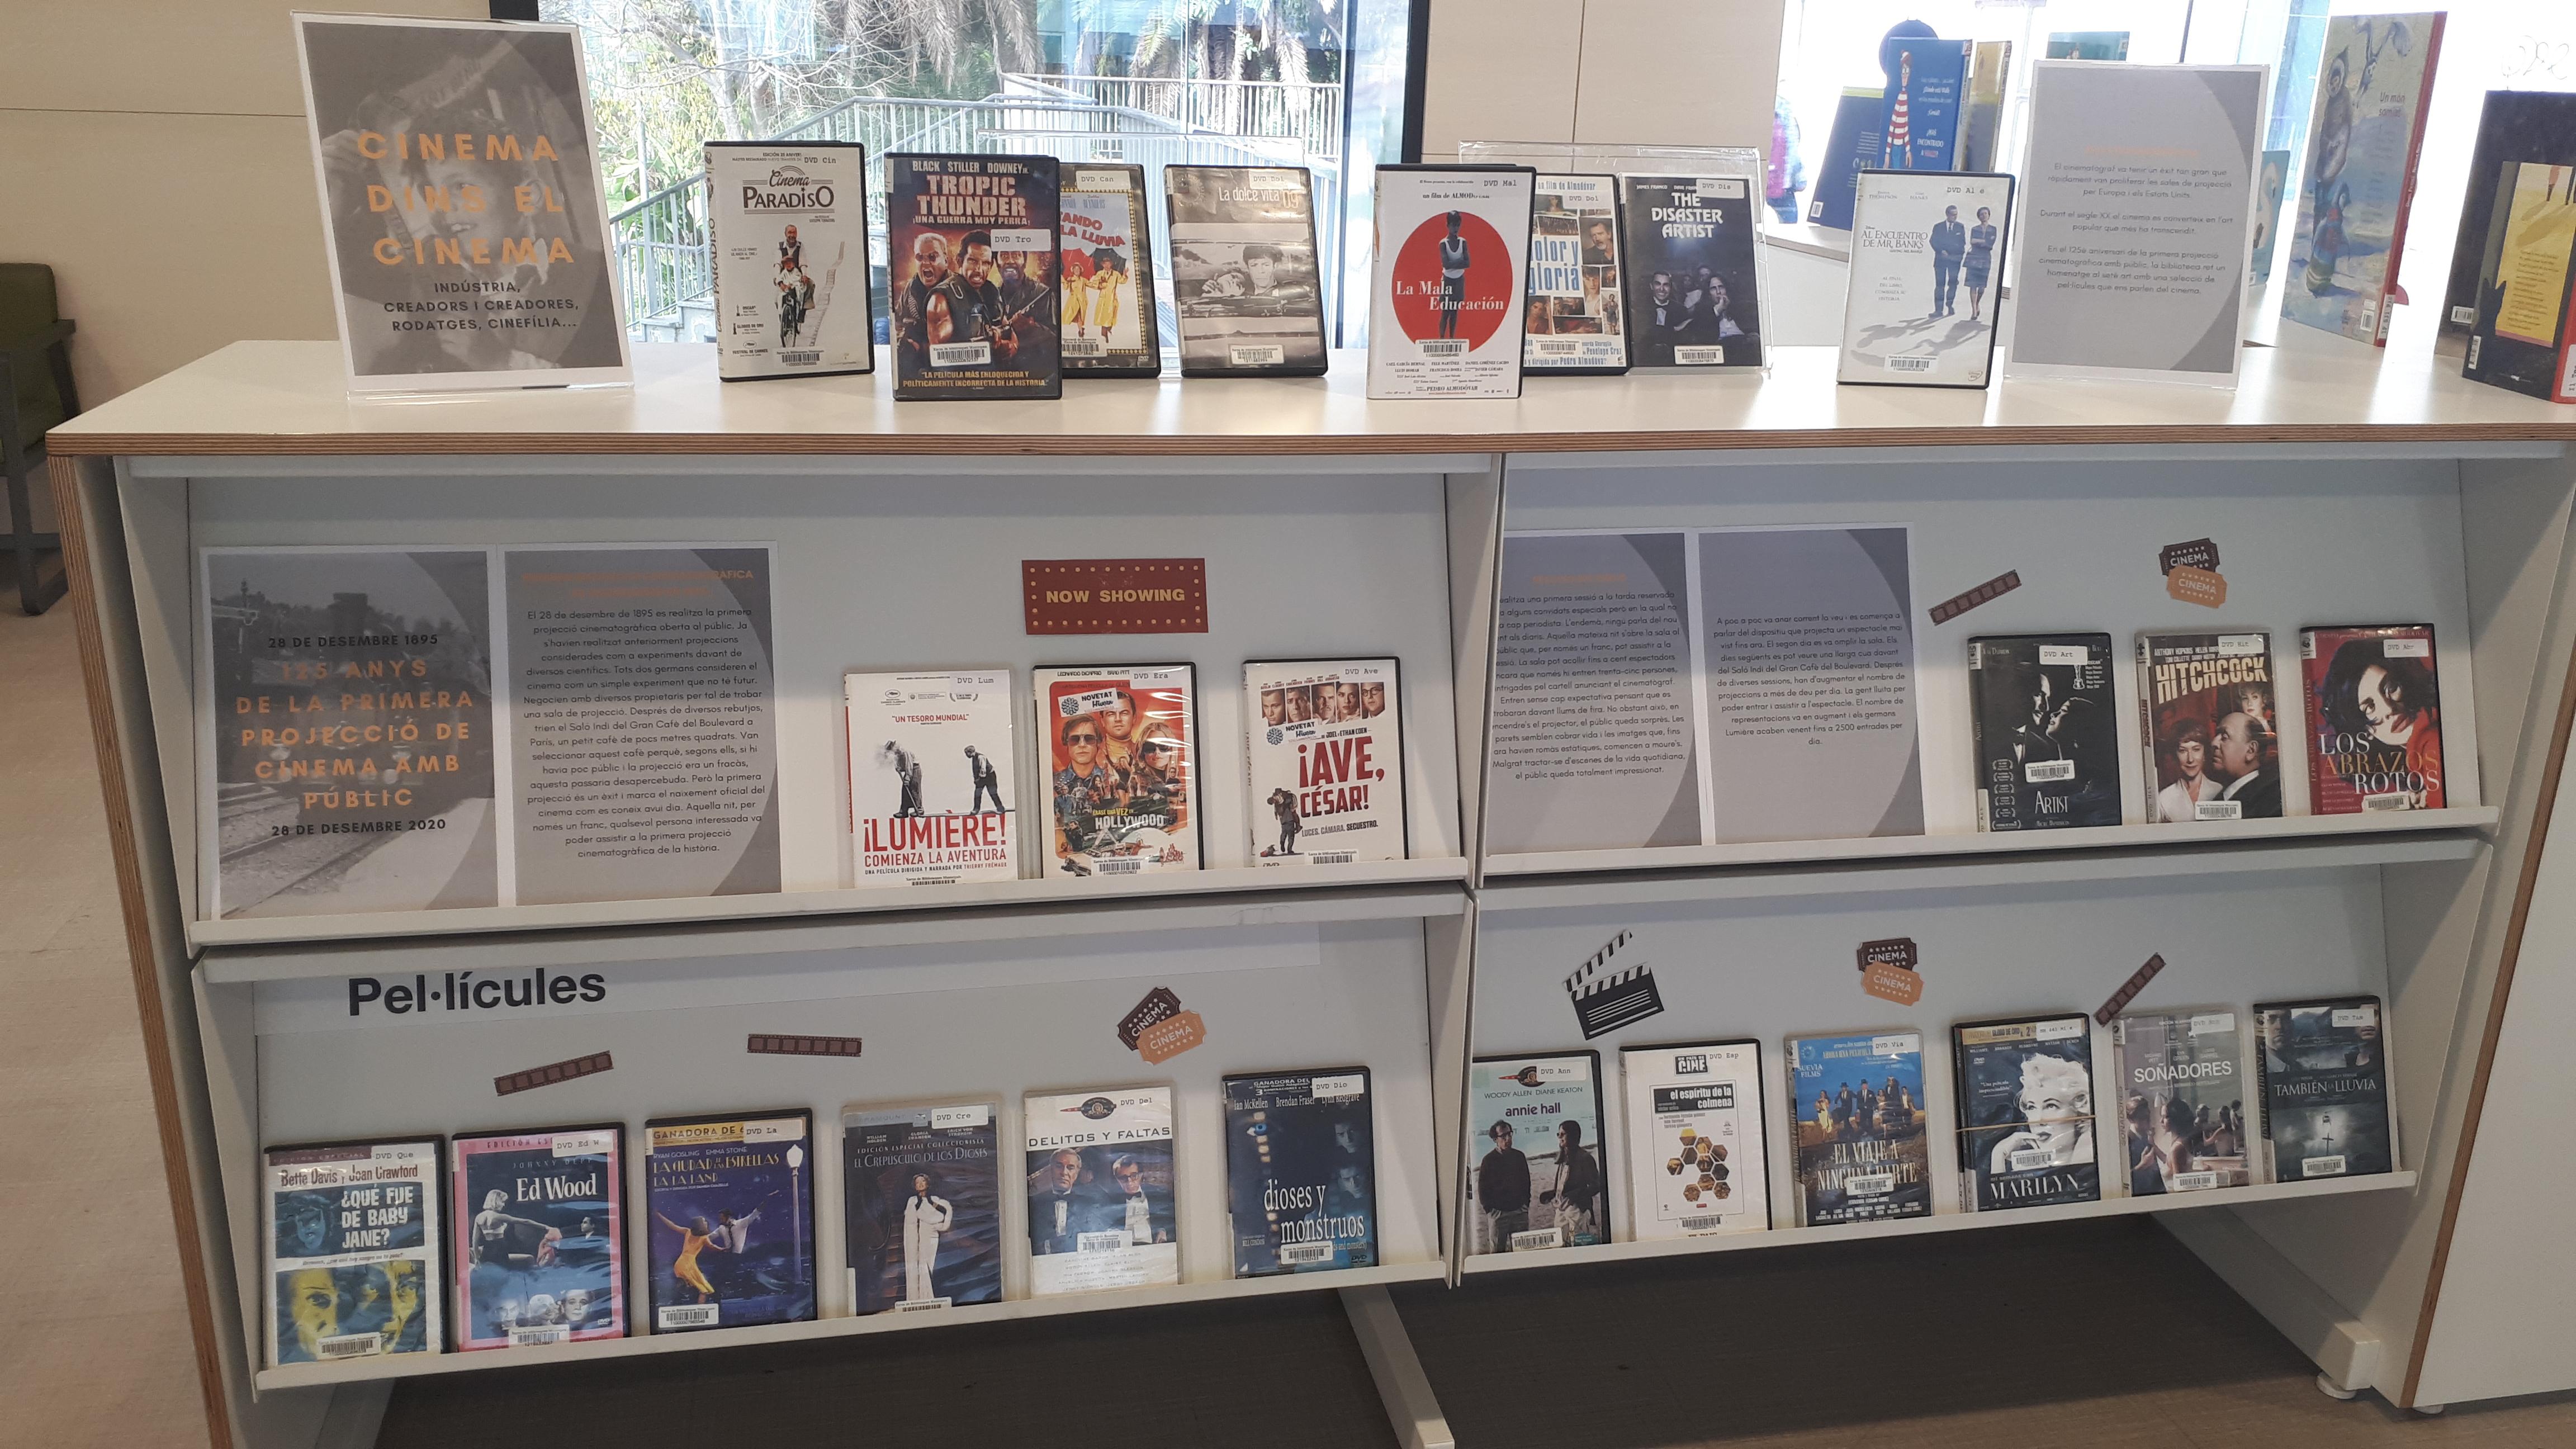 Imatge de l'exposició de pel·lícules sobre cinema que hi ha al vestíbul de la biblioteca